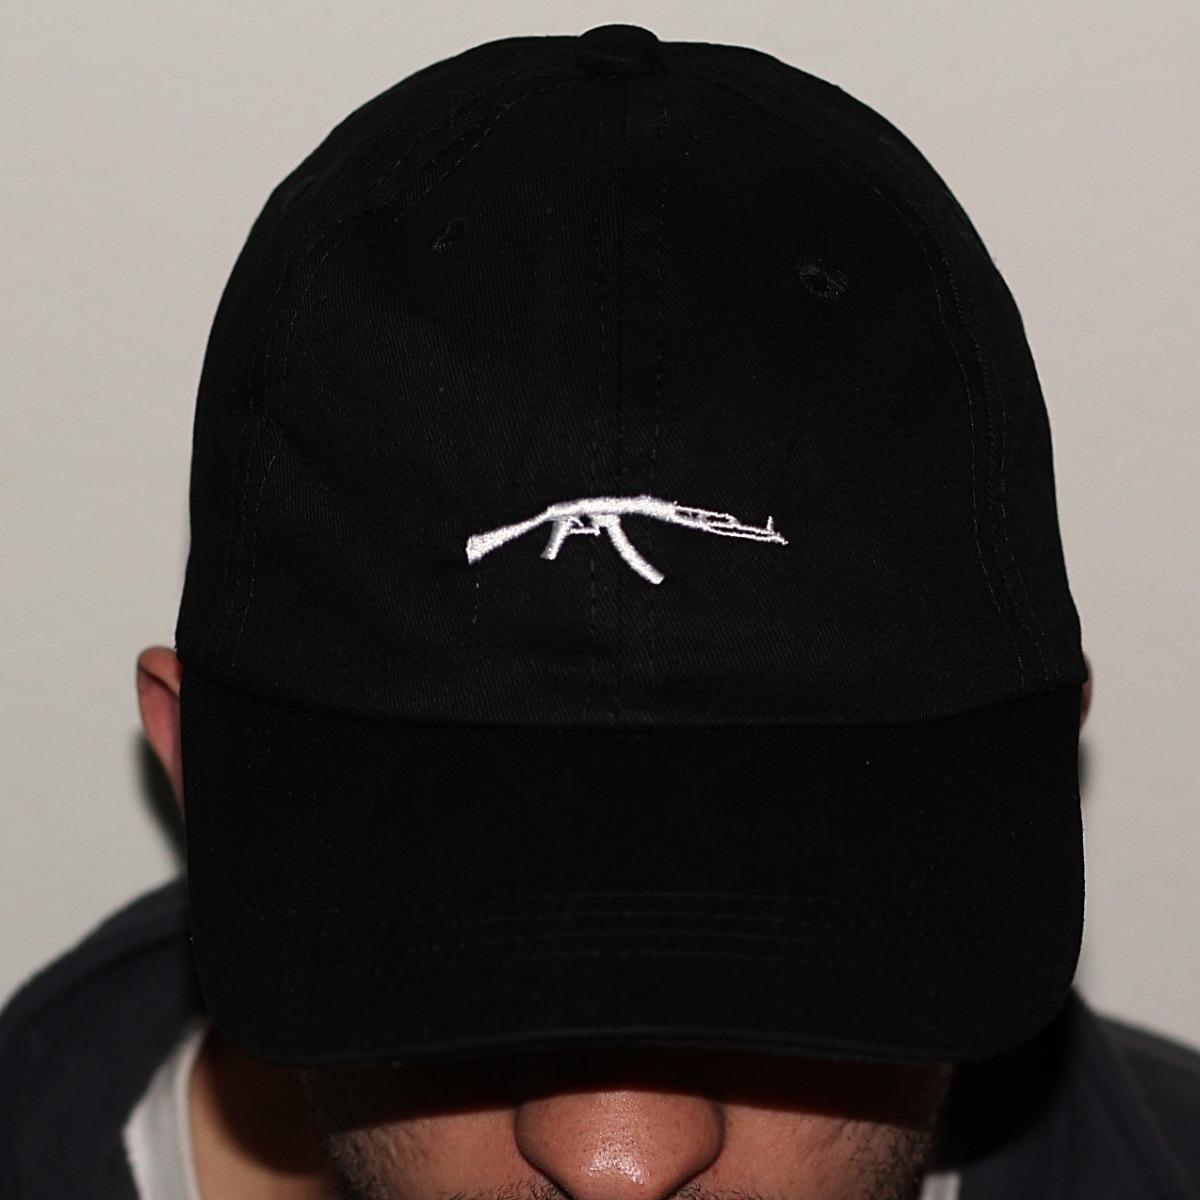 Boné Dad Hat Aba Curva Ak-47 Sad Boys 6 God Pronta Entrega - R  44 ... d6ea40b5709